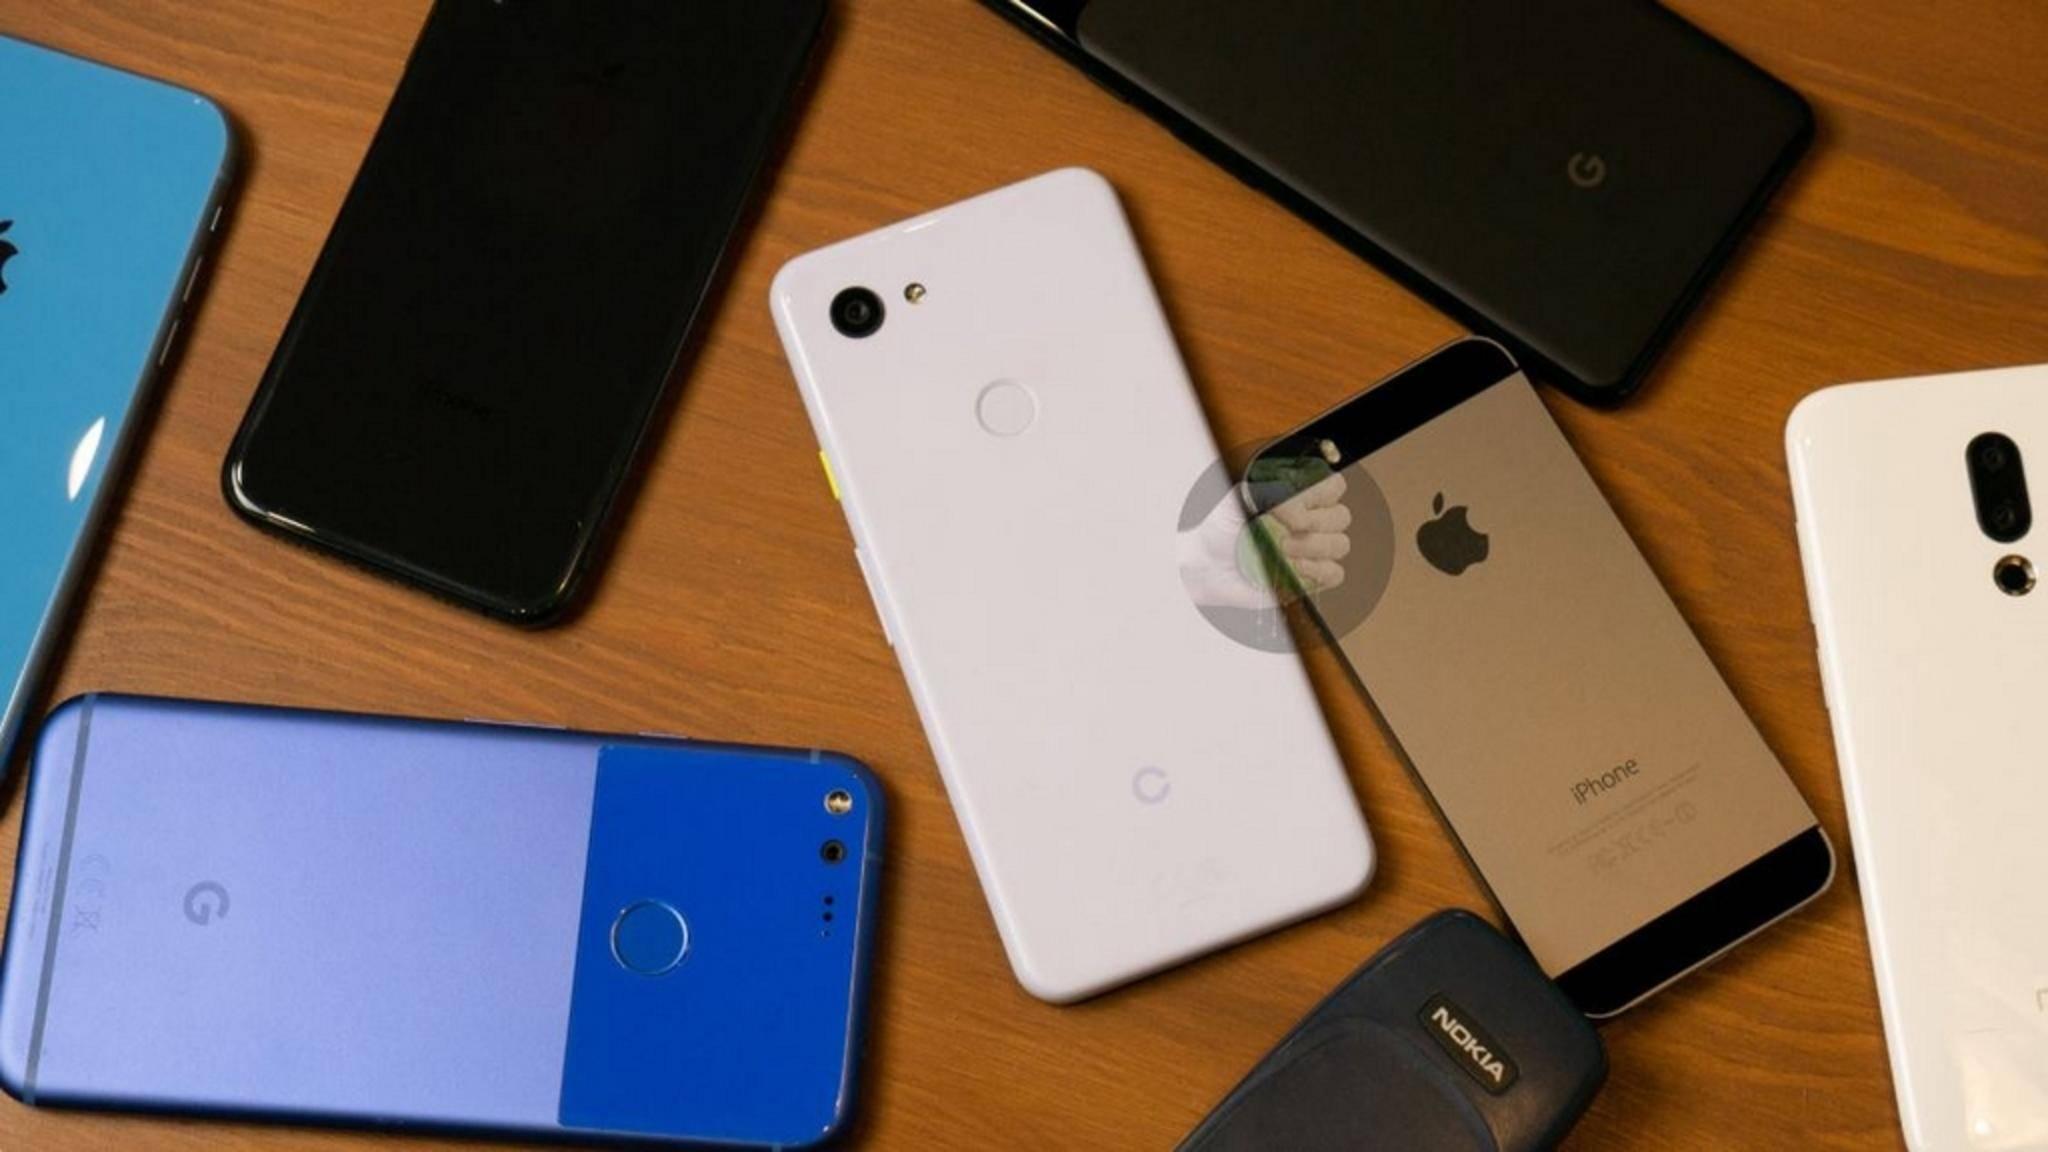 Das vermeintliche Pixel 3 Lite im Kreise anderer Smartphones.